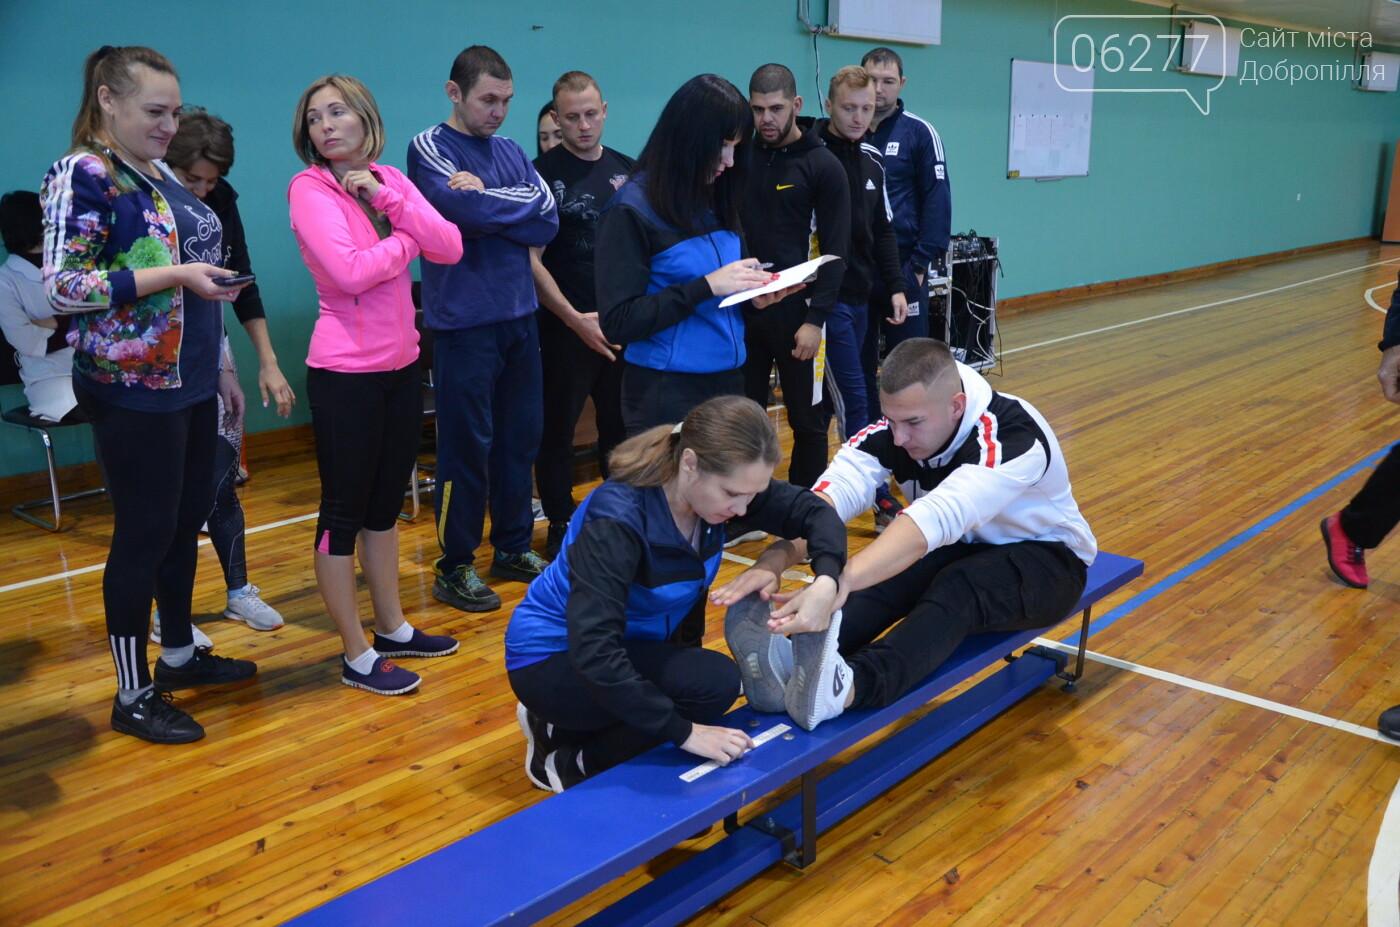 У Добропіллі вібулося щорічне оцінювання фізичної підготовки населення, фото-6